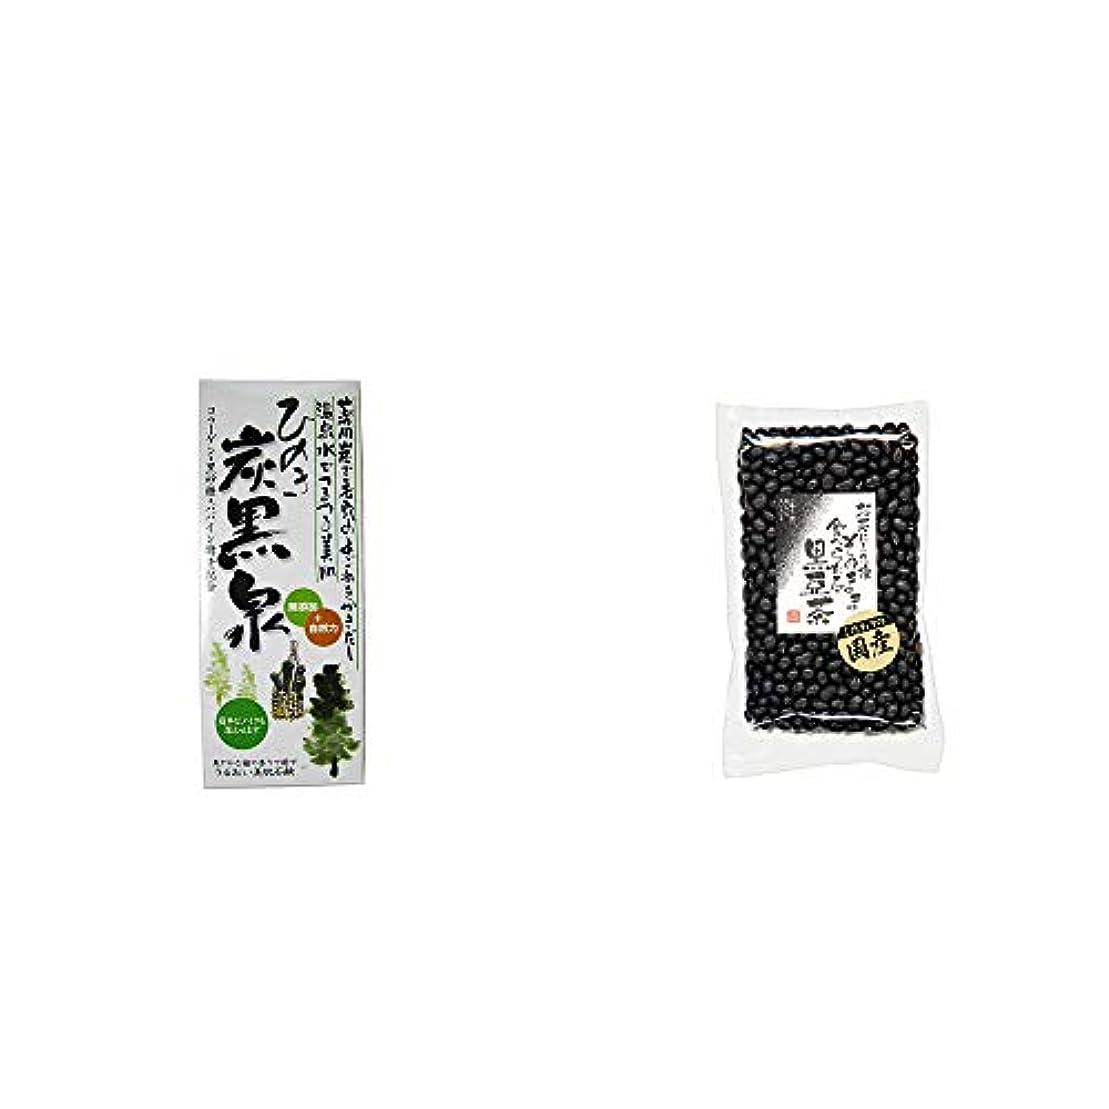 セージ重要な作物[2点セット] ひのき炭黒泉 箱入り(75g×3)?国産 黒豆茶(200g)